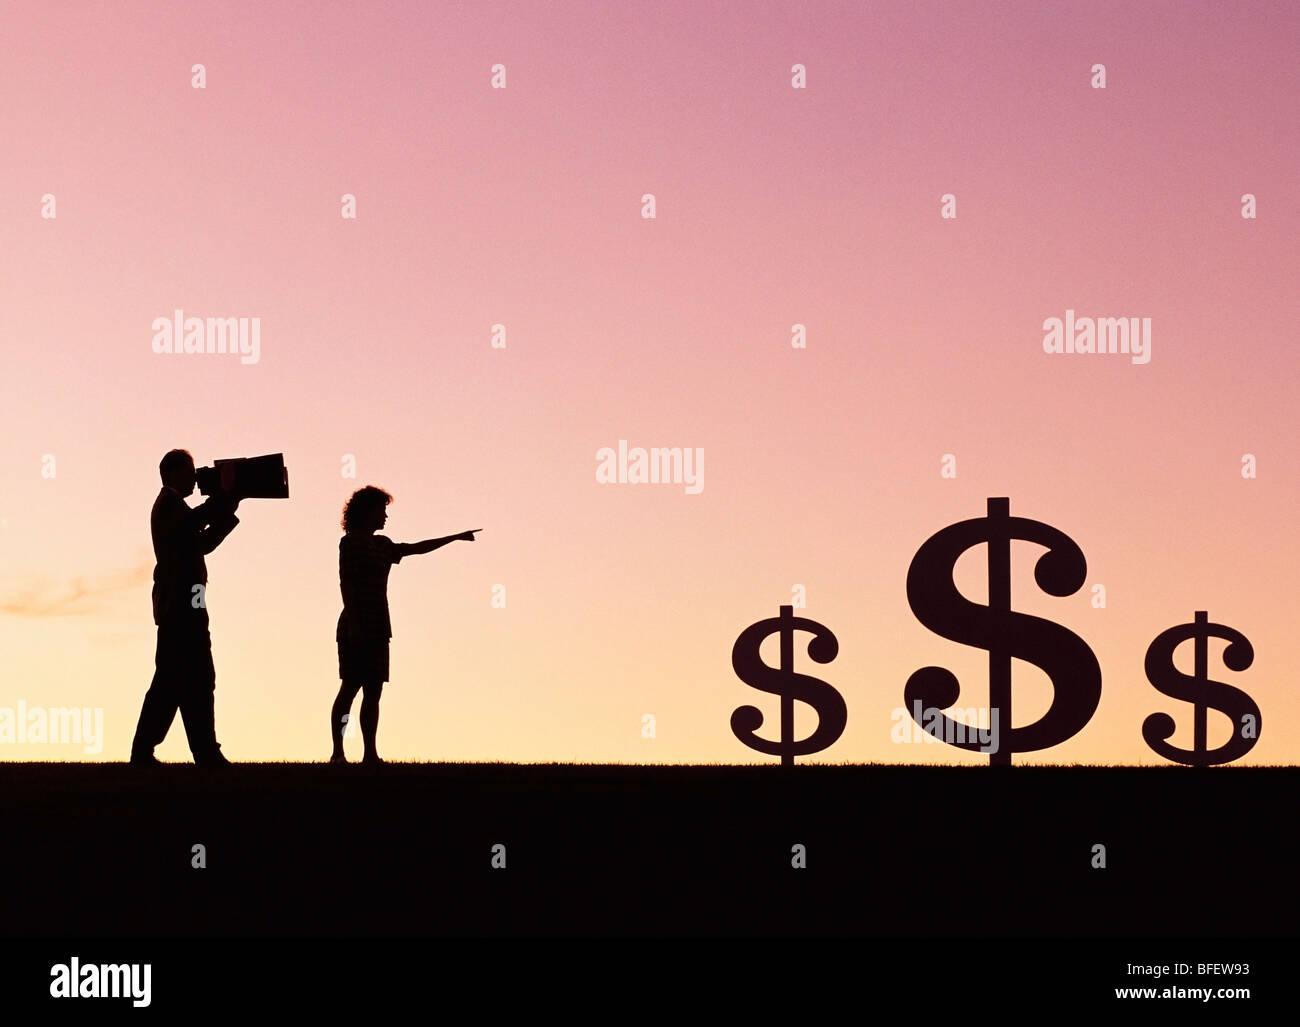 Konzeptionelle ein paar Dollar-Zeichen im Feld in der Nähe von Winnipeg, Manitoba, Kanada zu betrachten Stockbild